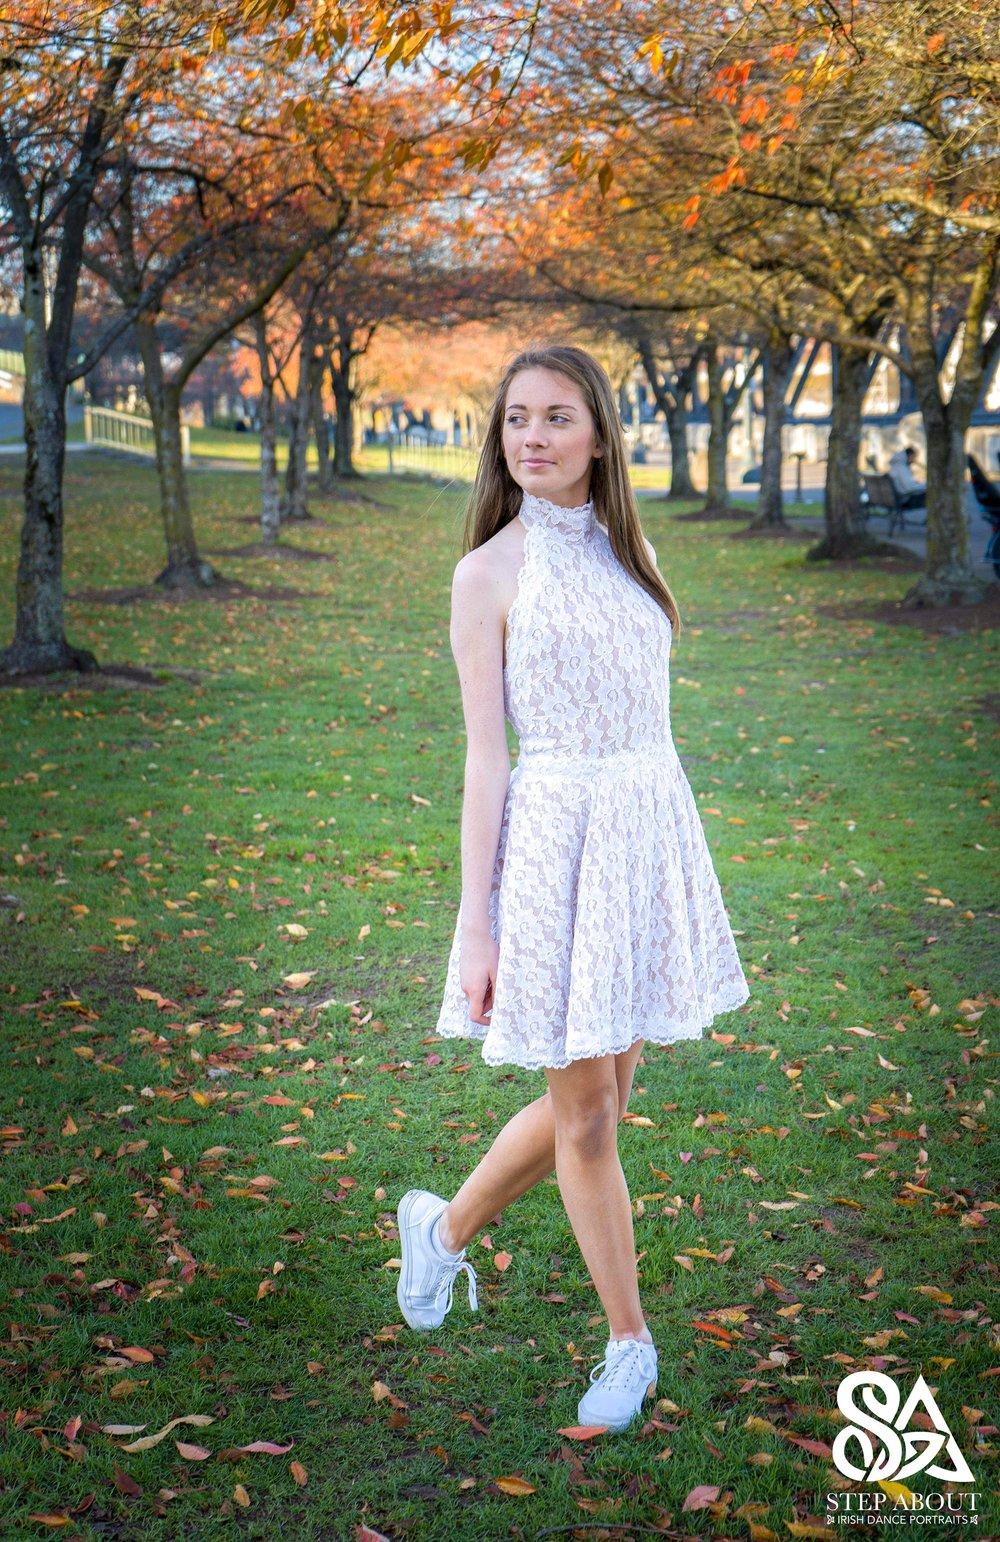 blog - Sophia DEGRAZIA 00282_edit_blog.jpg